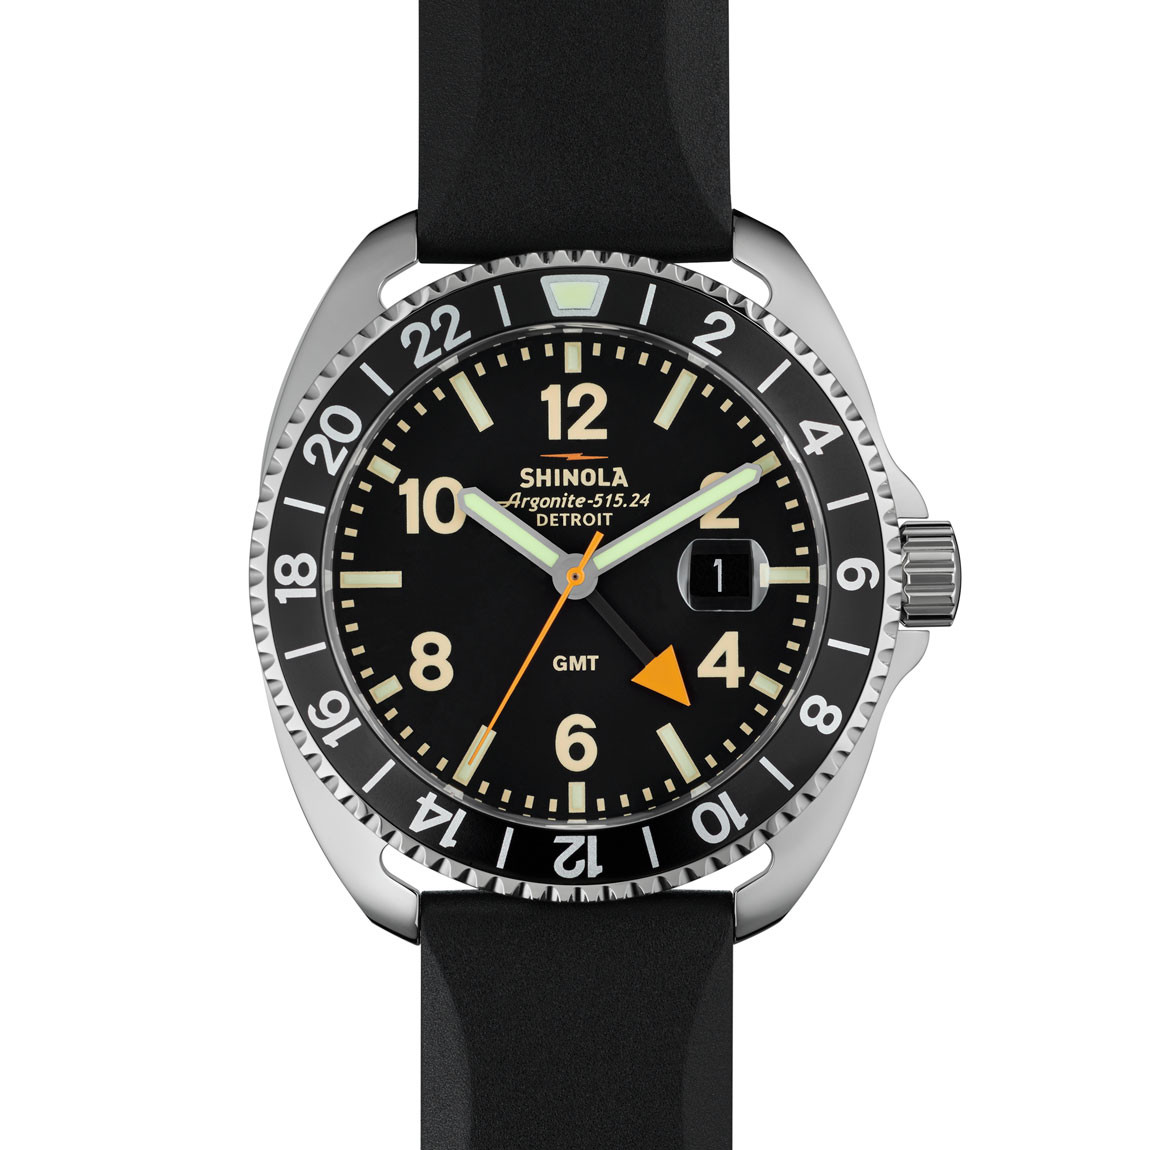 Shinola Runwell Watch Review | Shinola Watchs | Shinola Watch